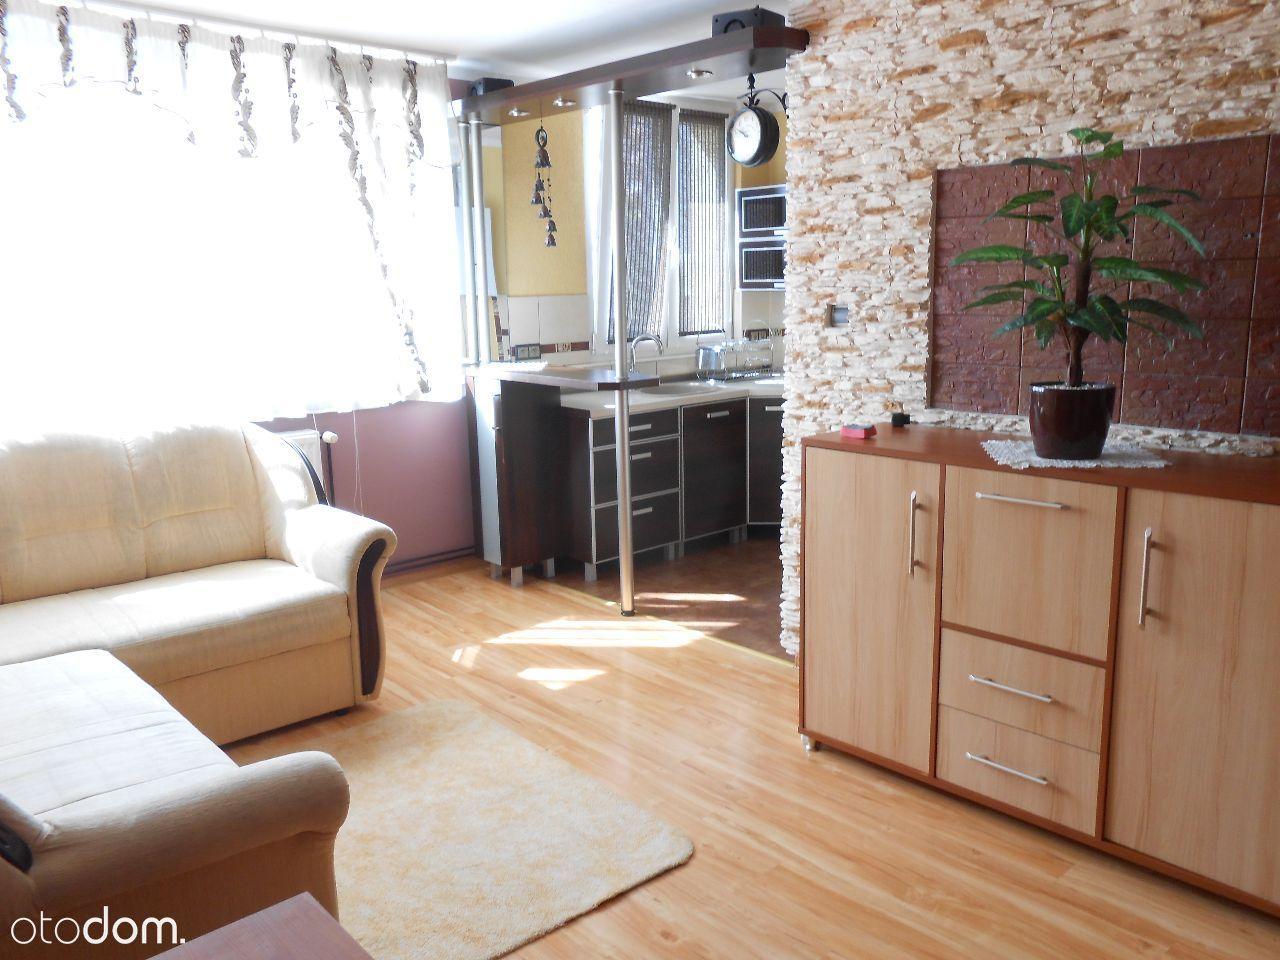 mieszkanie 2 pokojowe 39,30 m ul.Pawia w Lubinie